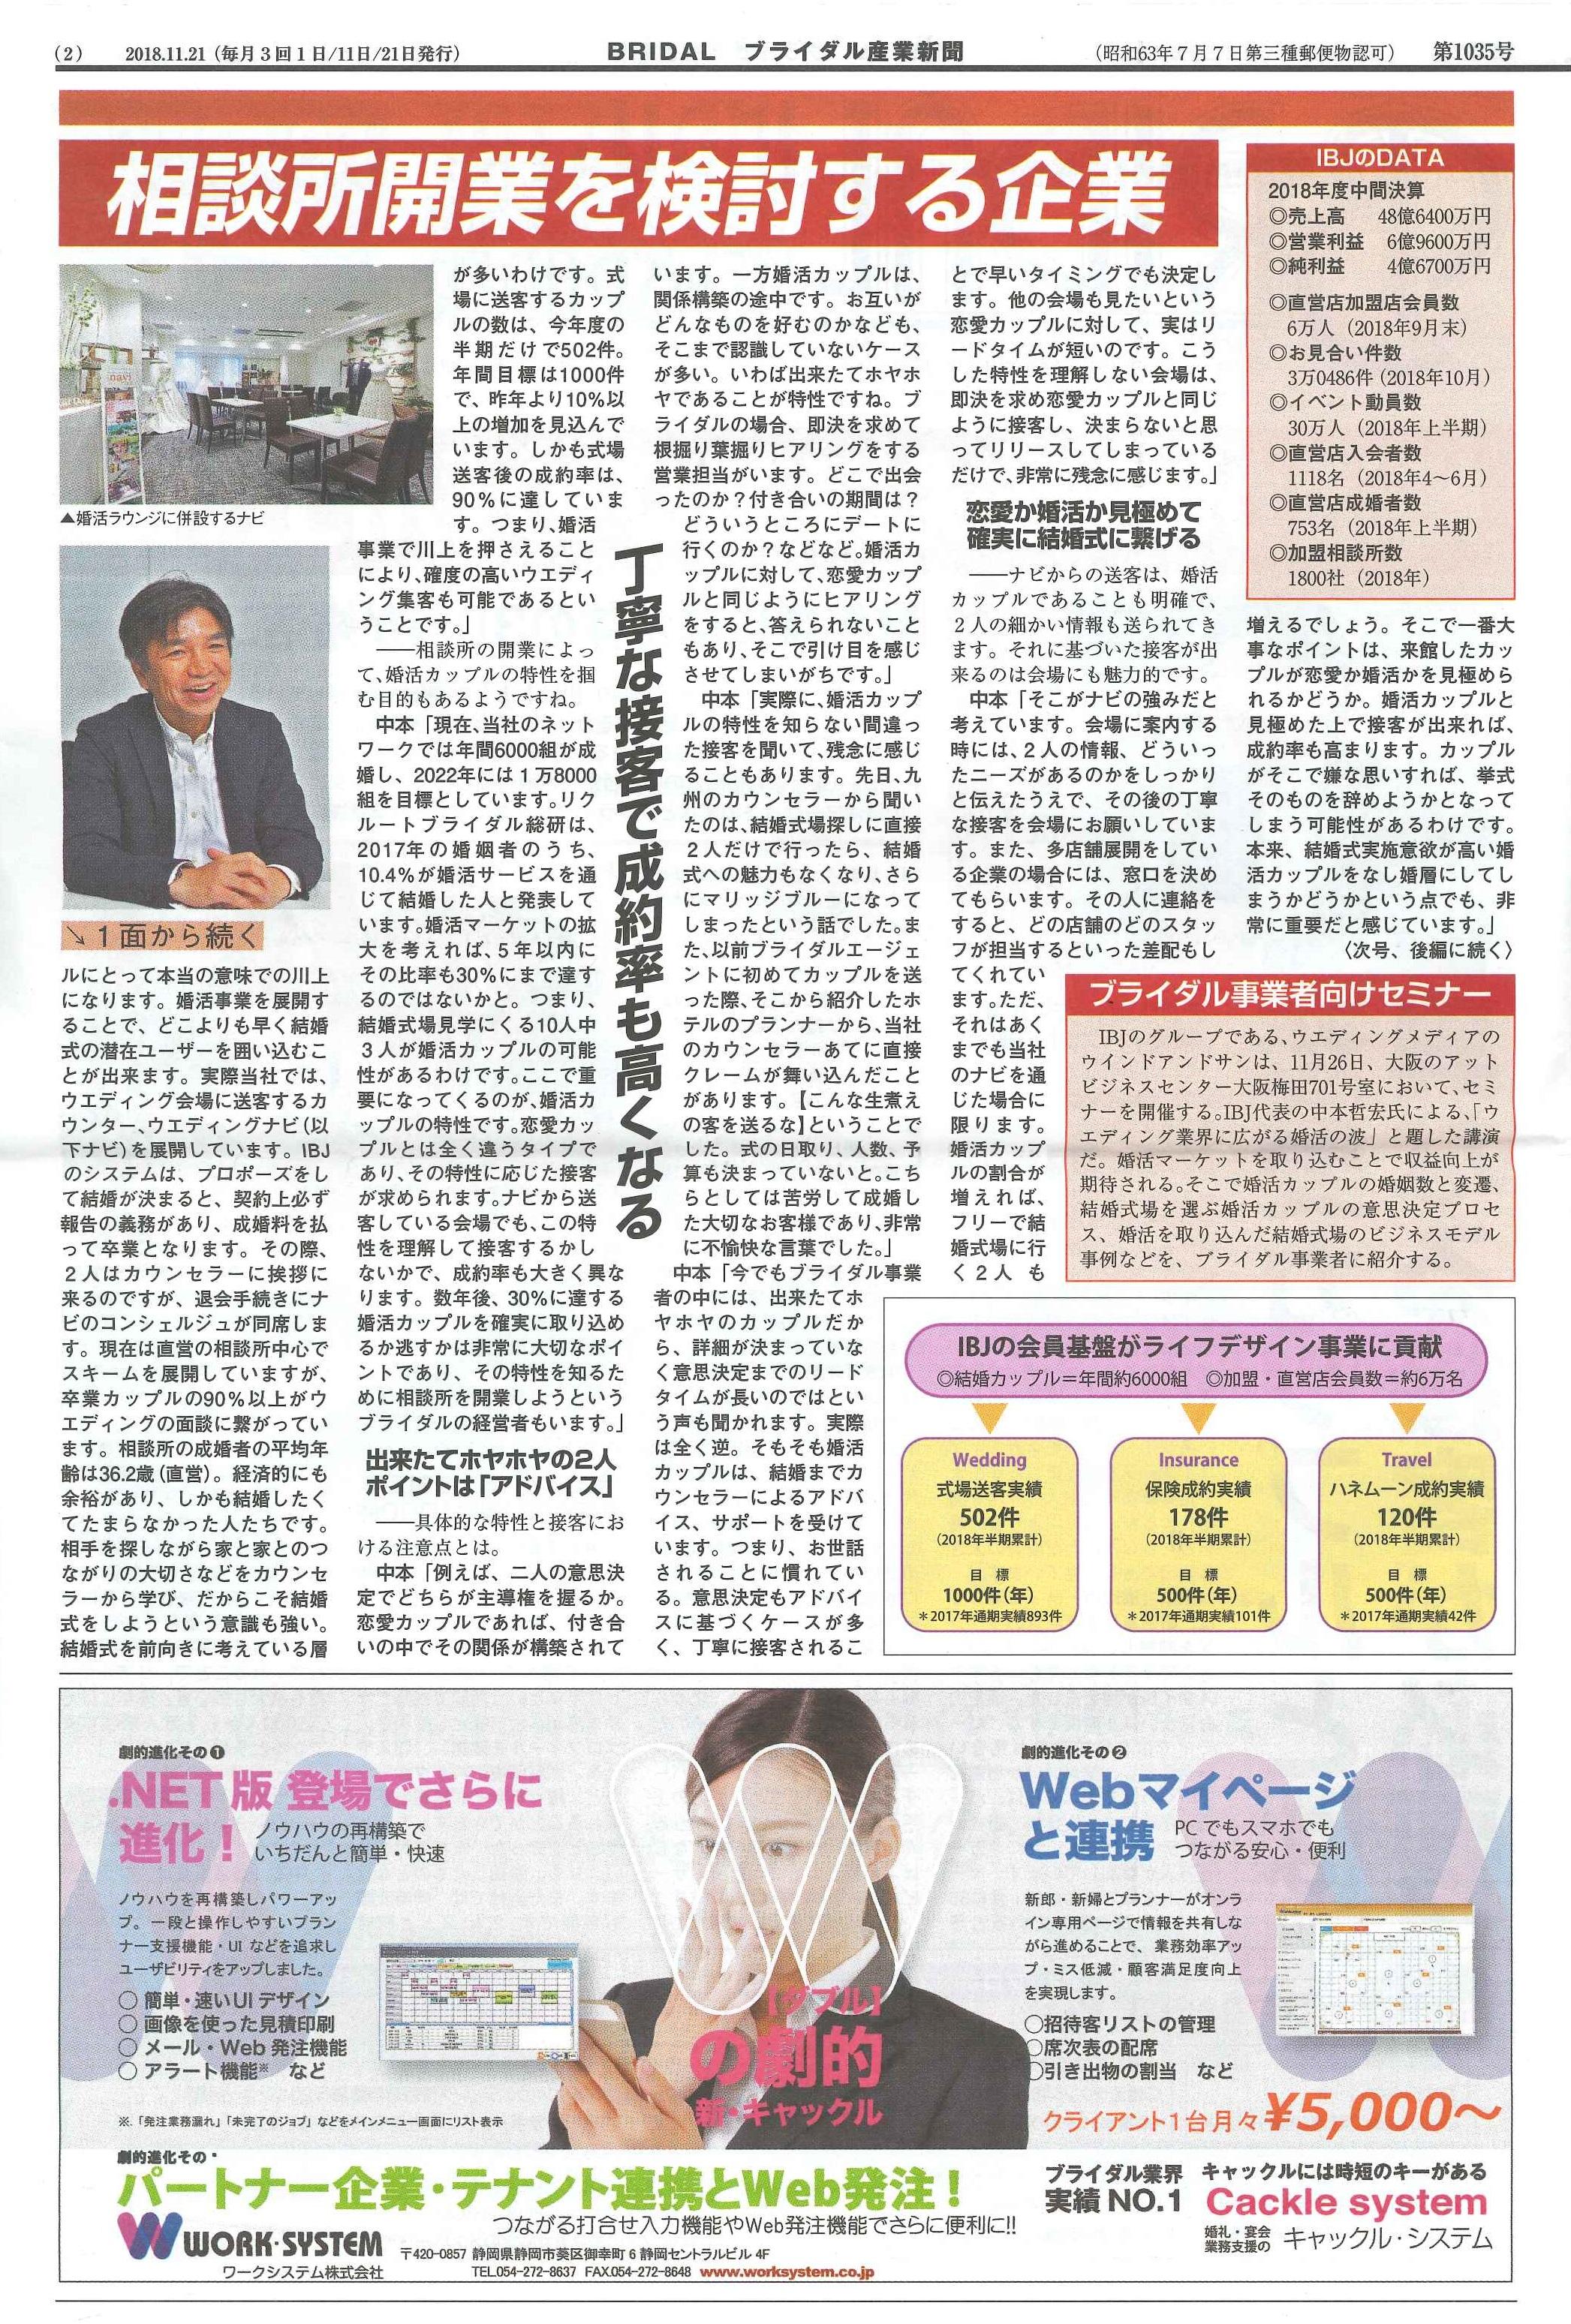 ブライダル産業新聞 IBJ 2